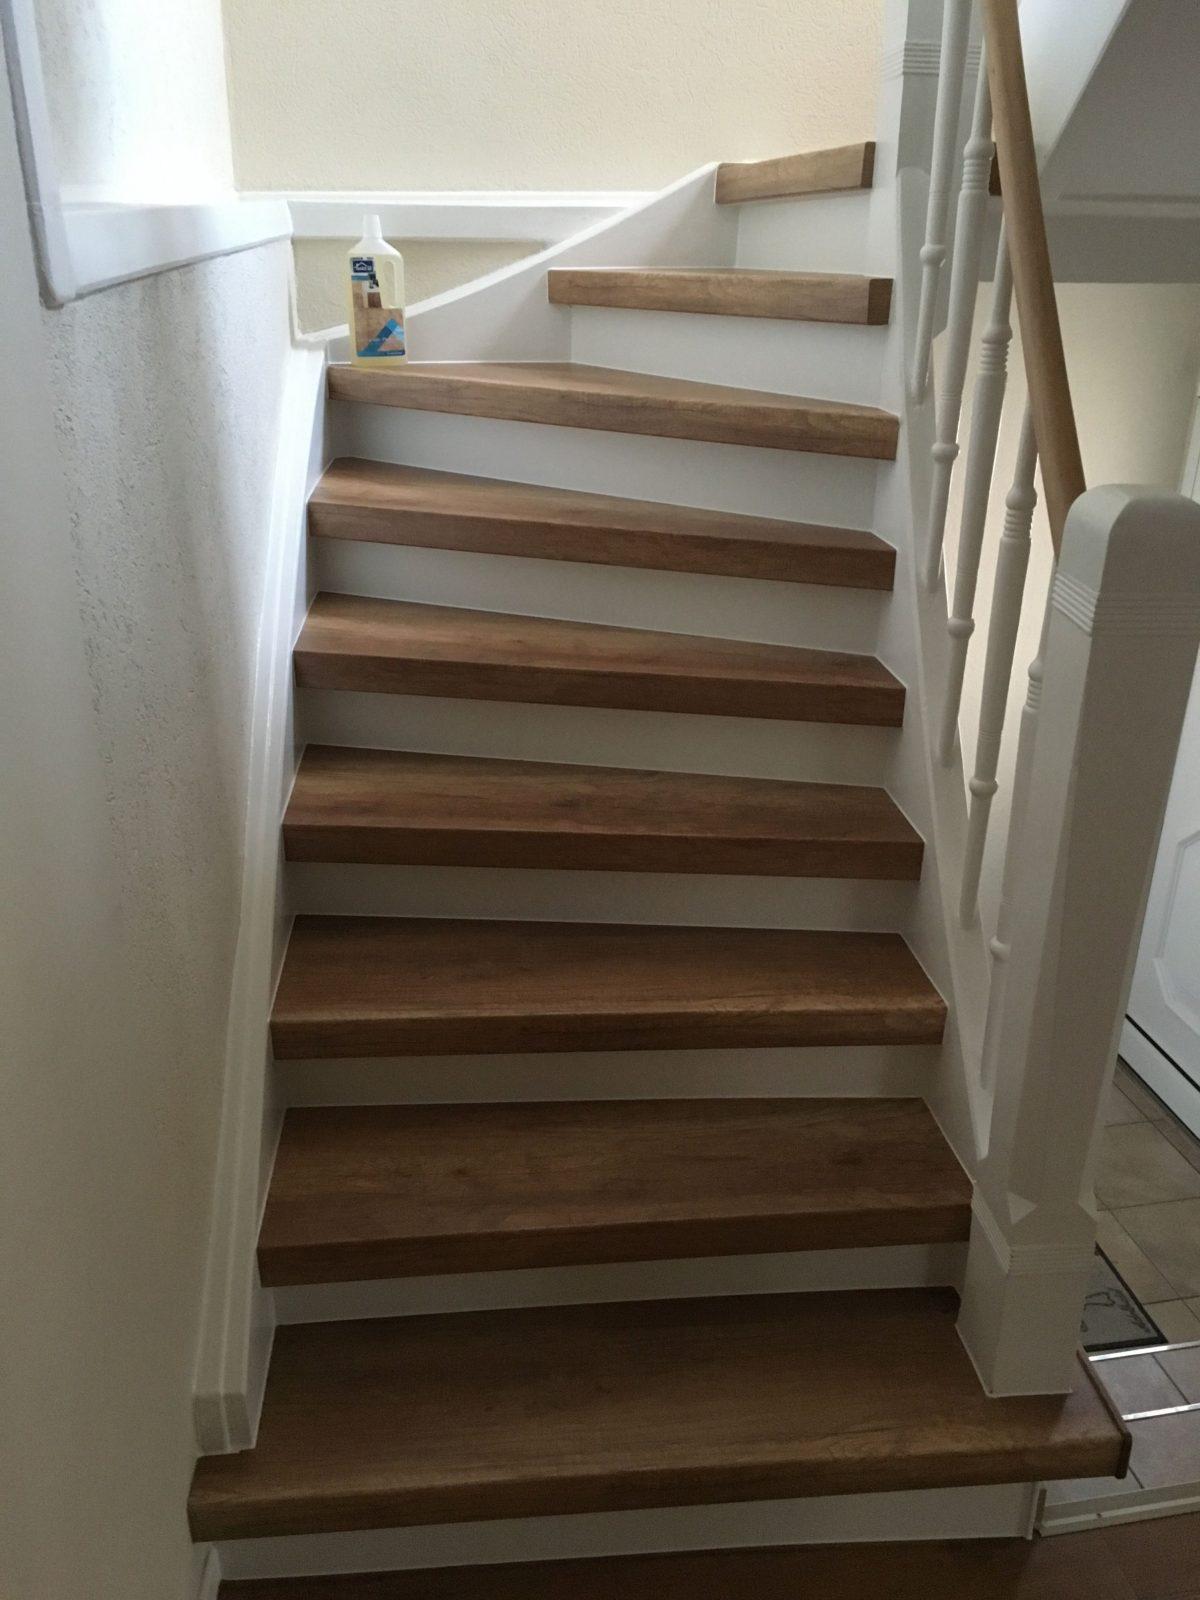 Attraktive Laminatstufen Auf Alter Holztreppe  Alte Treppe Neu von Alte Treppen Neu Gestalten Bild